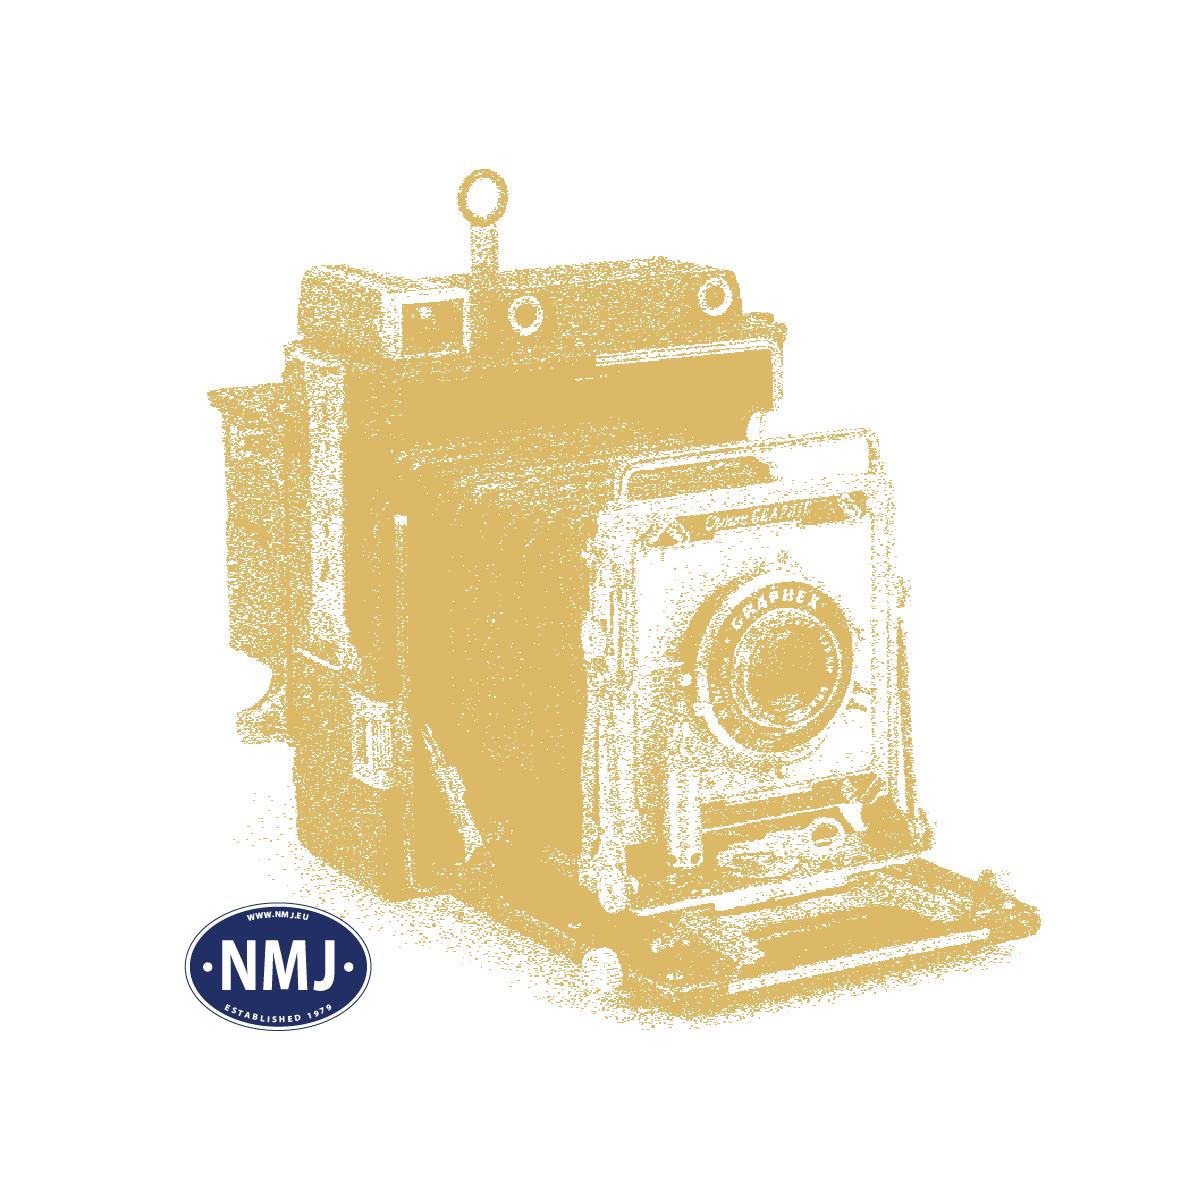 MBR51-2106 - Kanadisk Poppel, Sommer, 6-10 cm, N-Skala